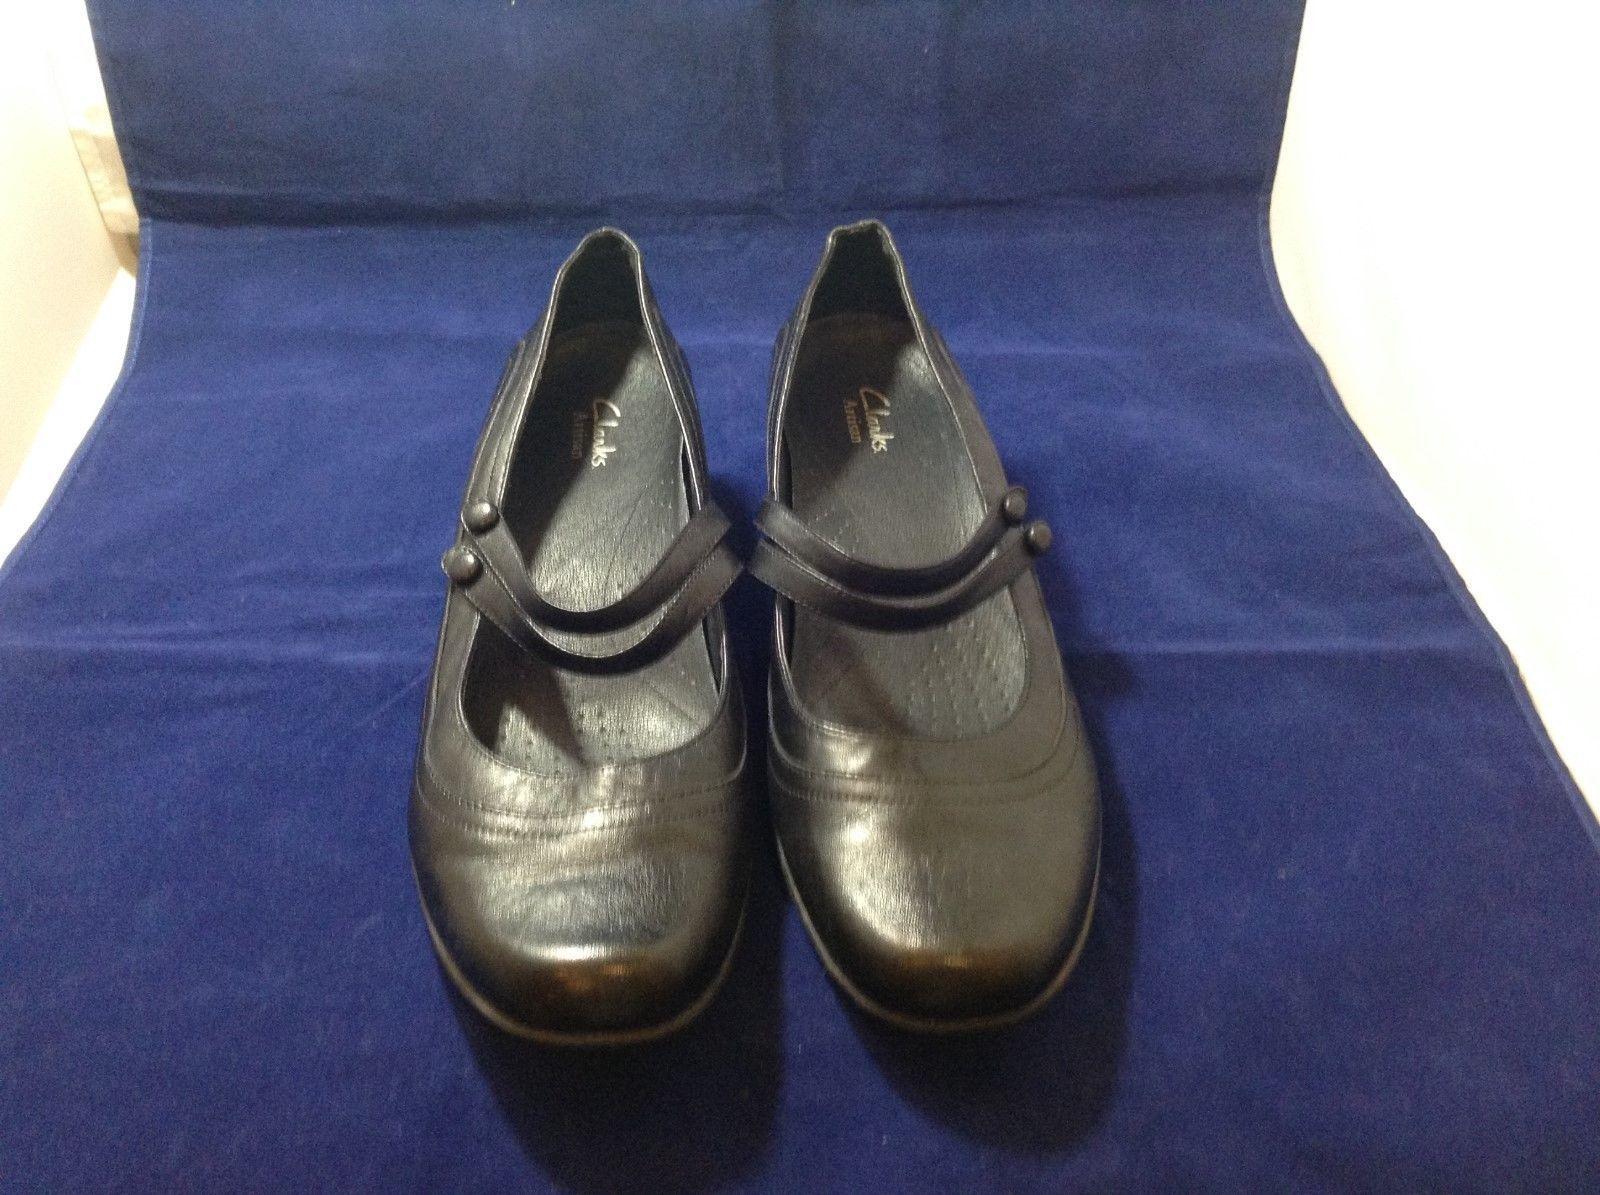 Clark's Active Air Women's Black Comfortable Casual Dress Shoes Sz 10M